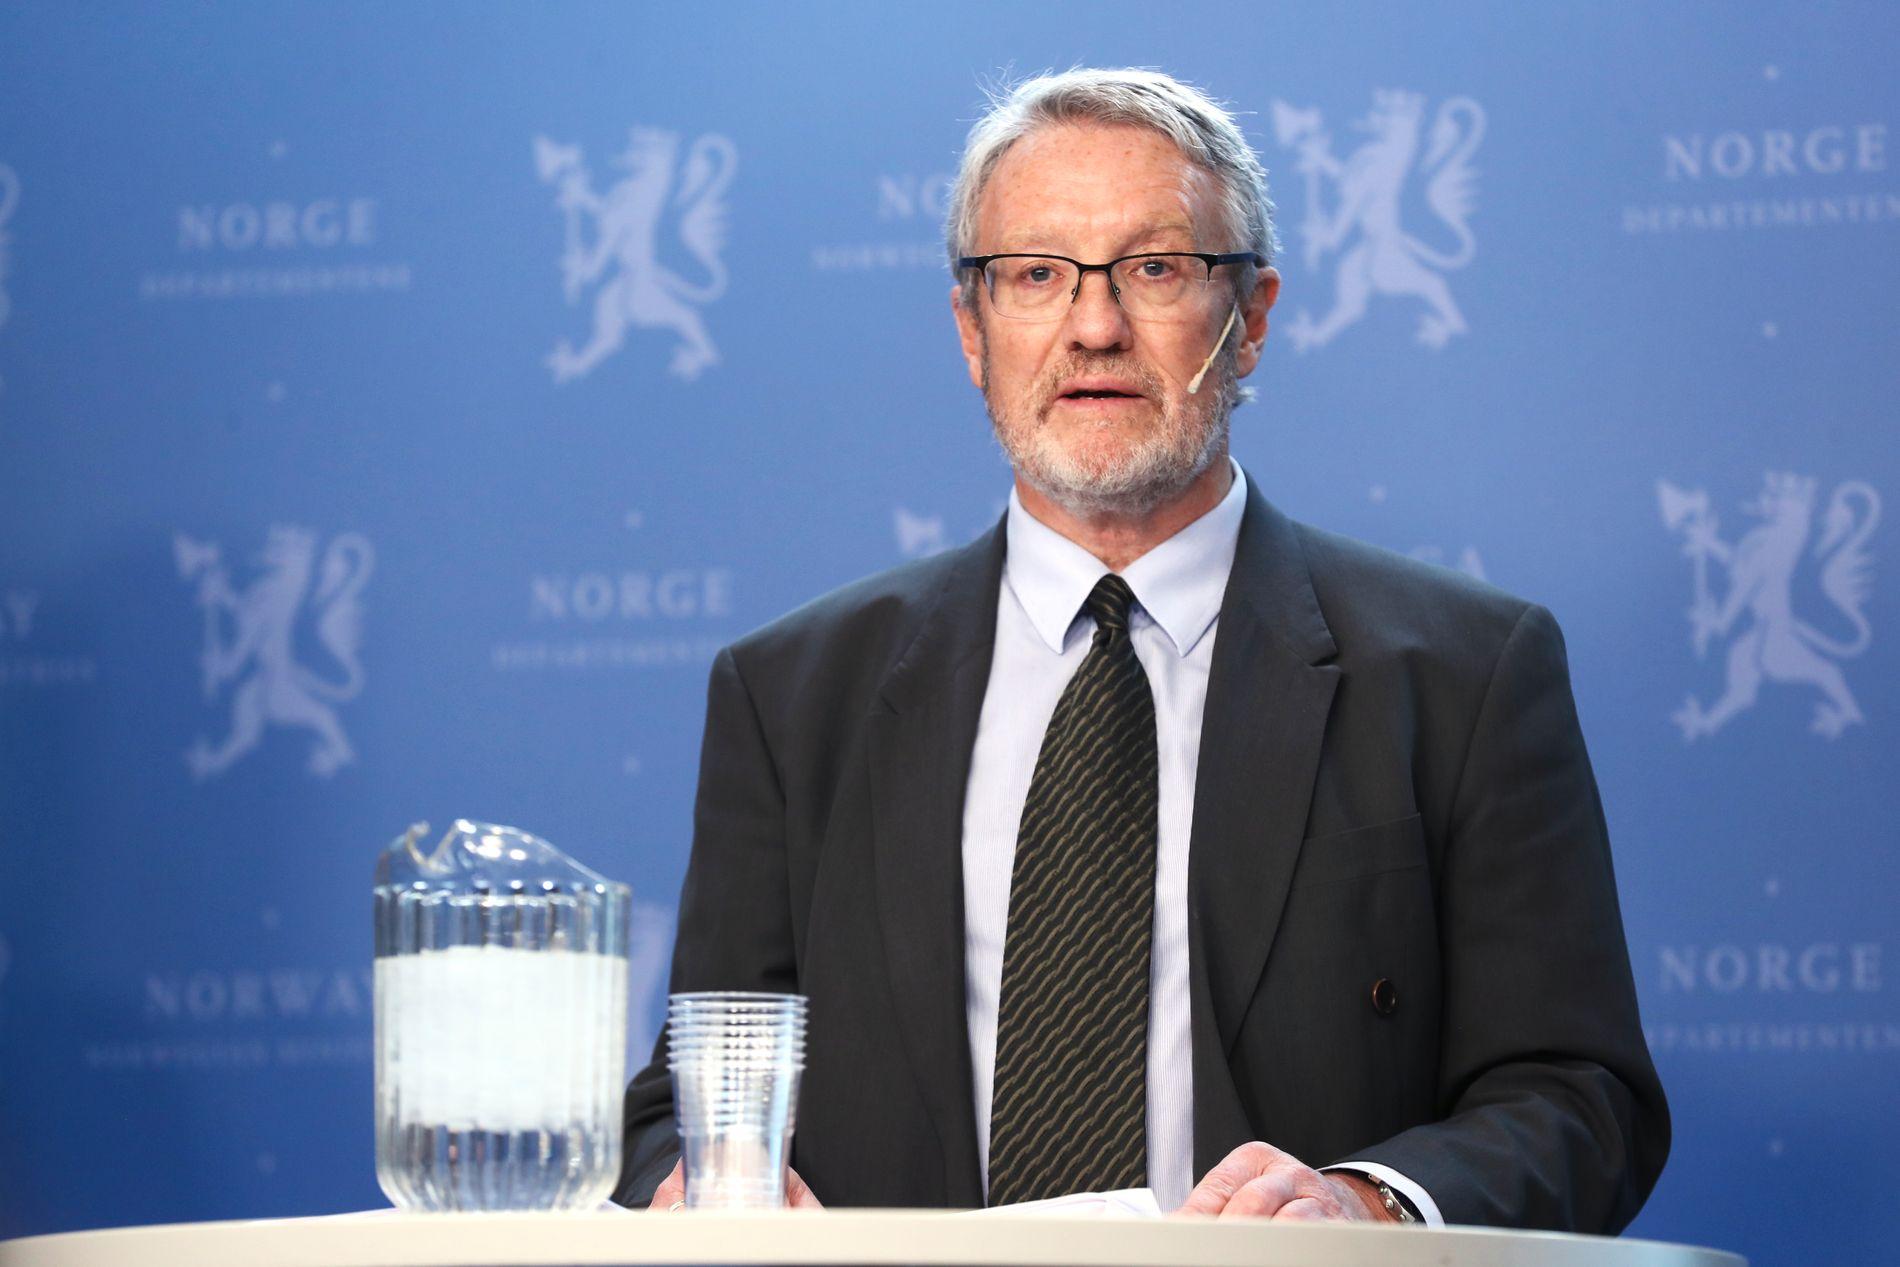 LEDER GRANSKING: Rune Fjeld ledet pressekonferansen og er leder for granskingsgruppen.